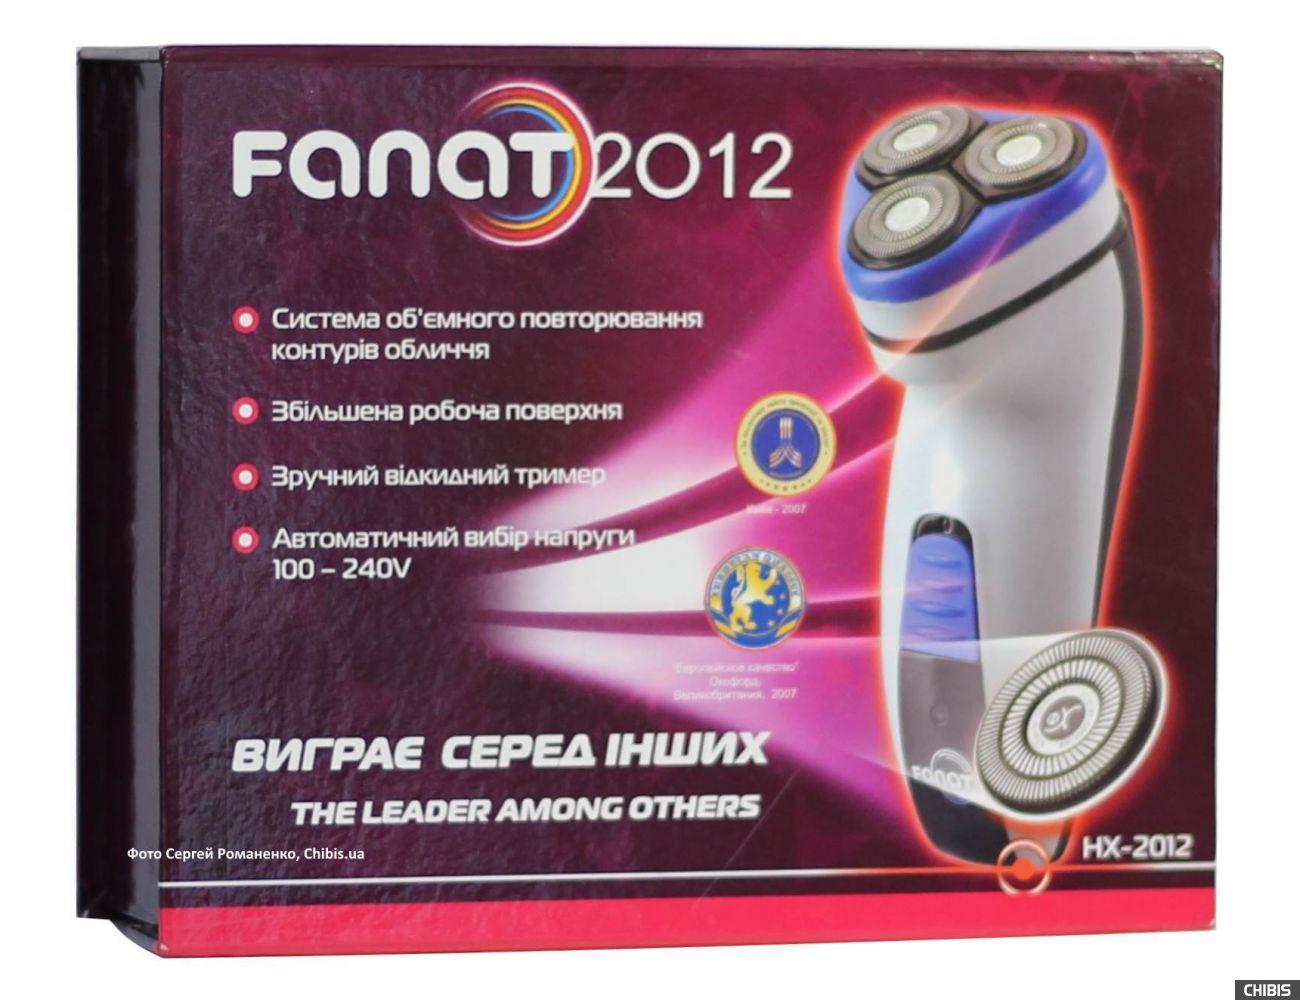 Электробритва Новый Харьков НХ 2012 Fanat подарочный вариант